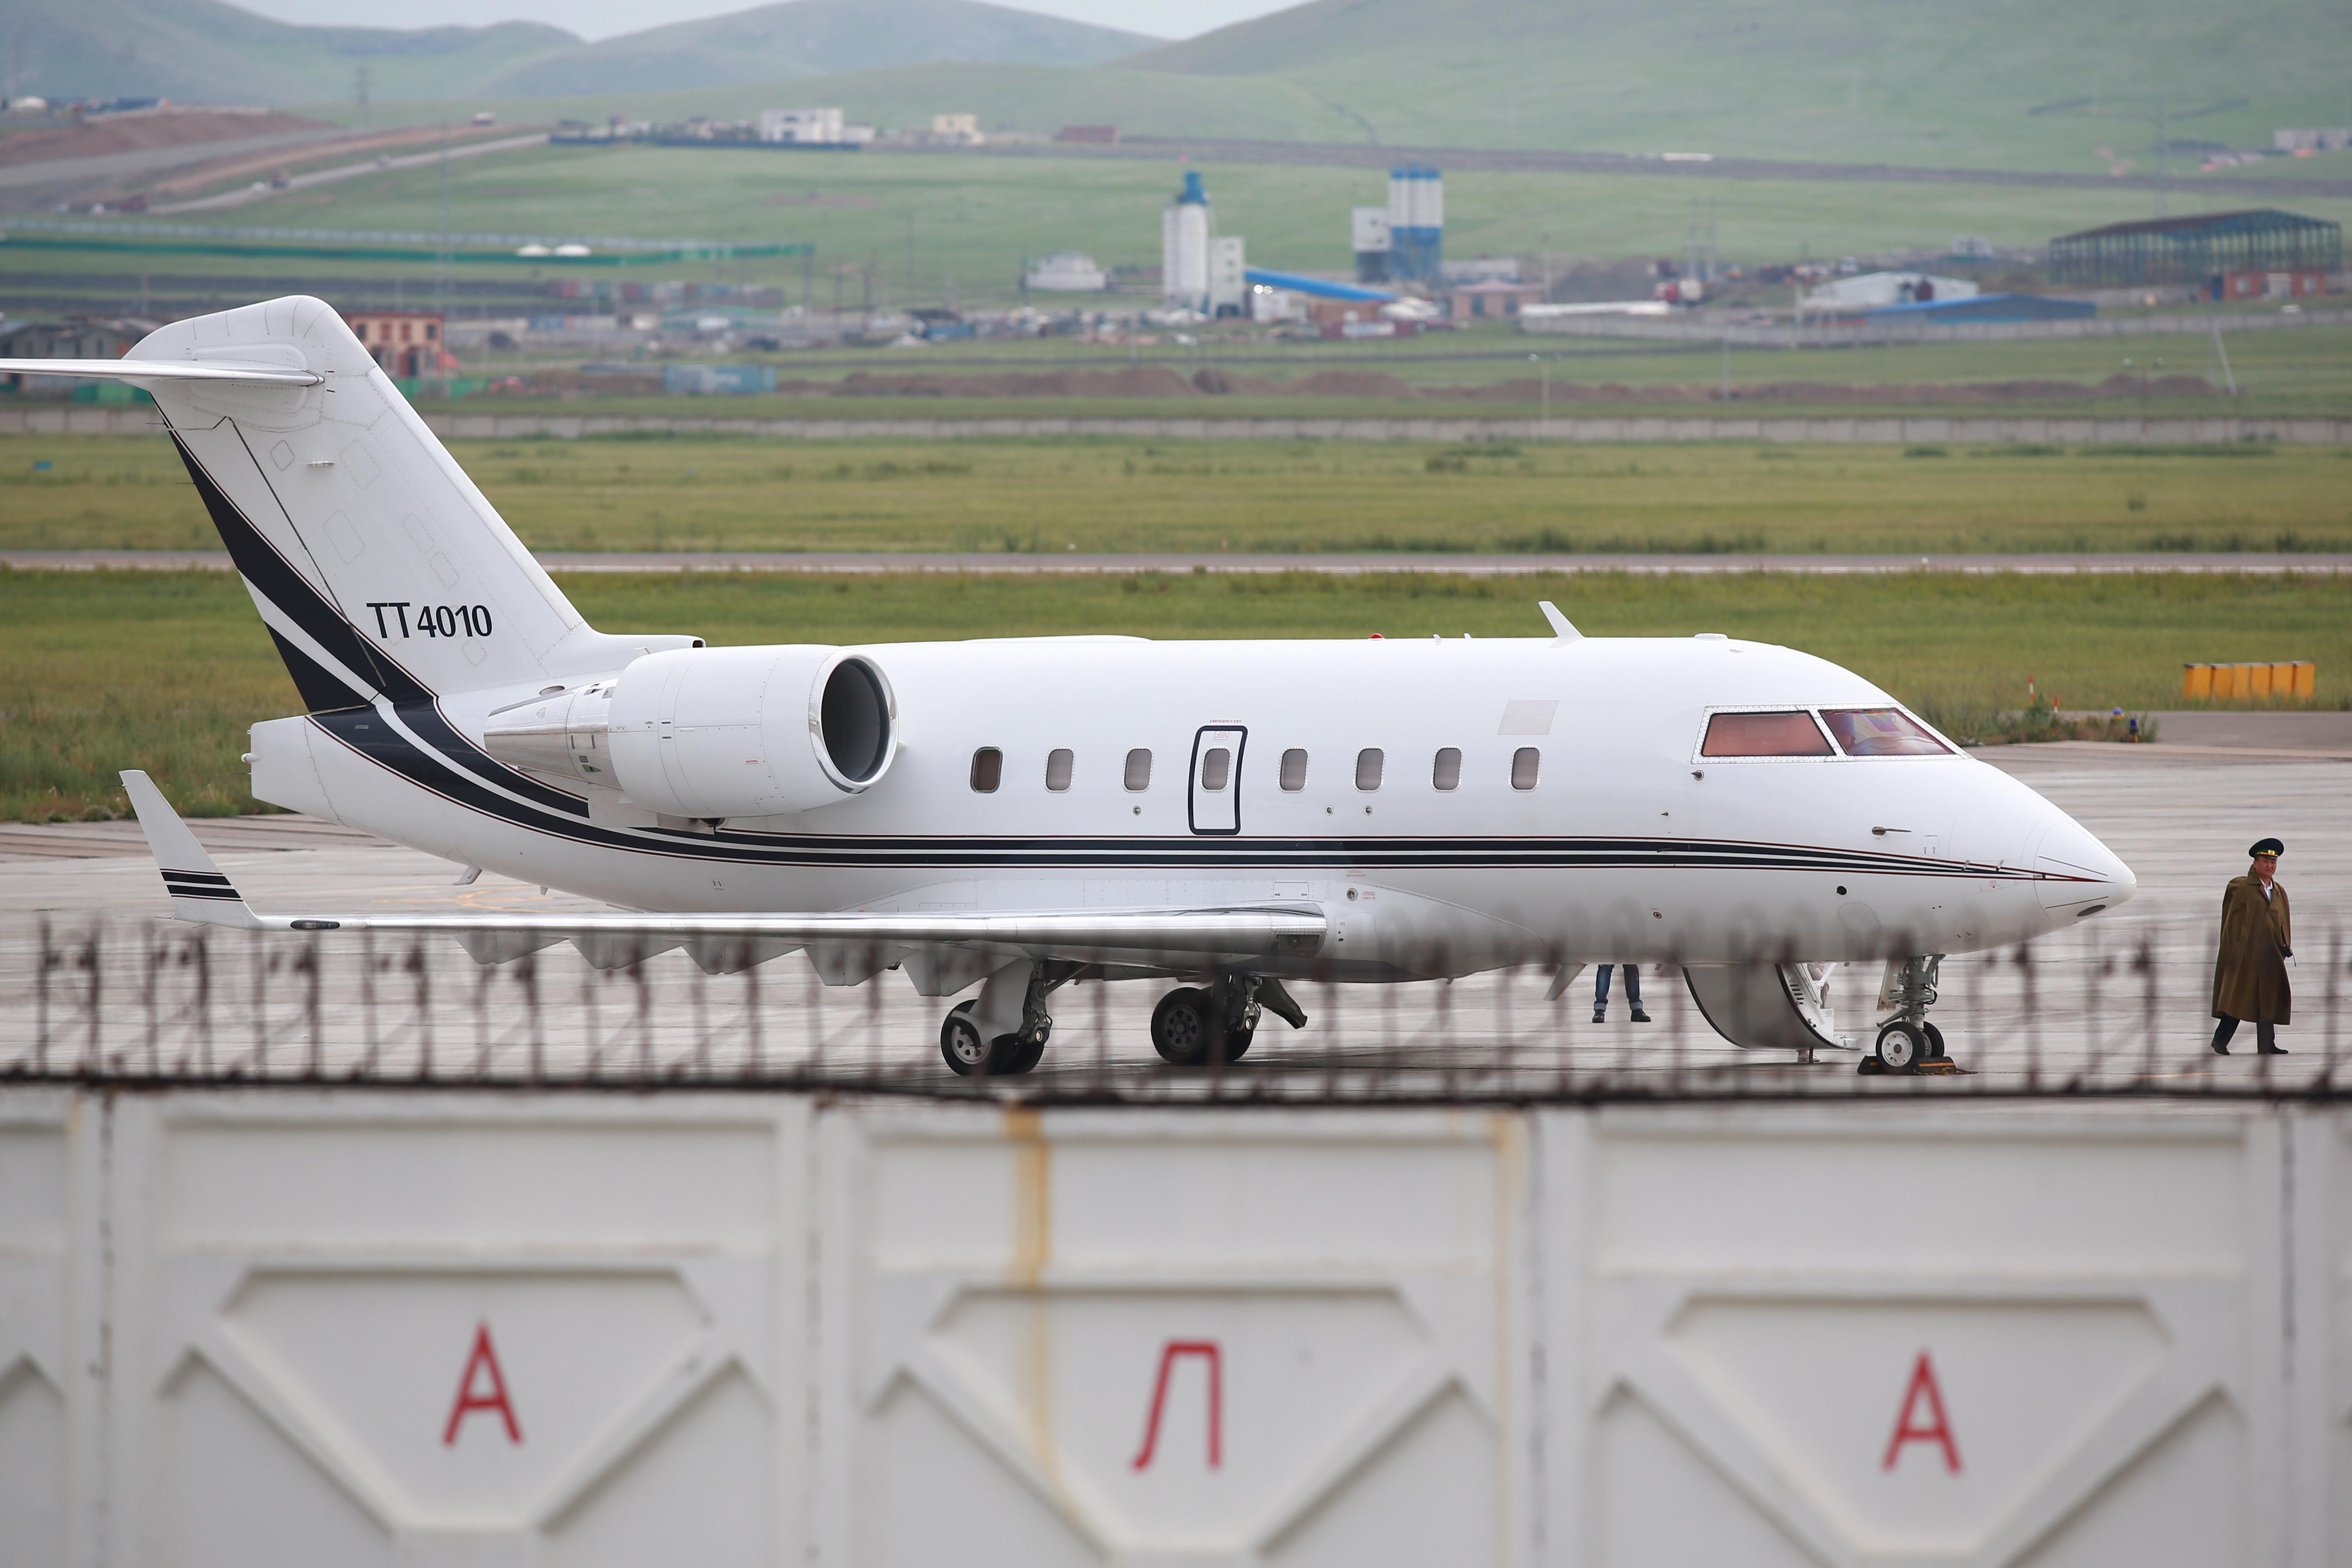 Ismeretlenek majdnem elraboltak egy gülenista tanárt Mongóliában, az utolsó pillanatban mentették ki a repülőről